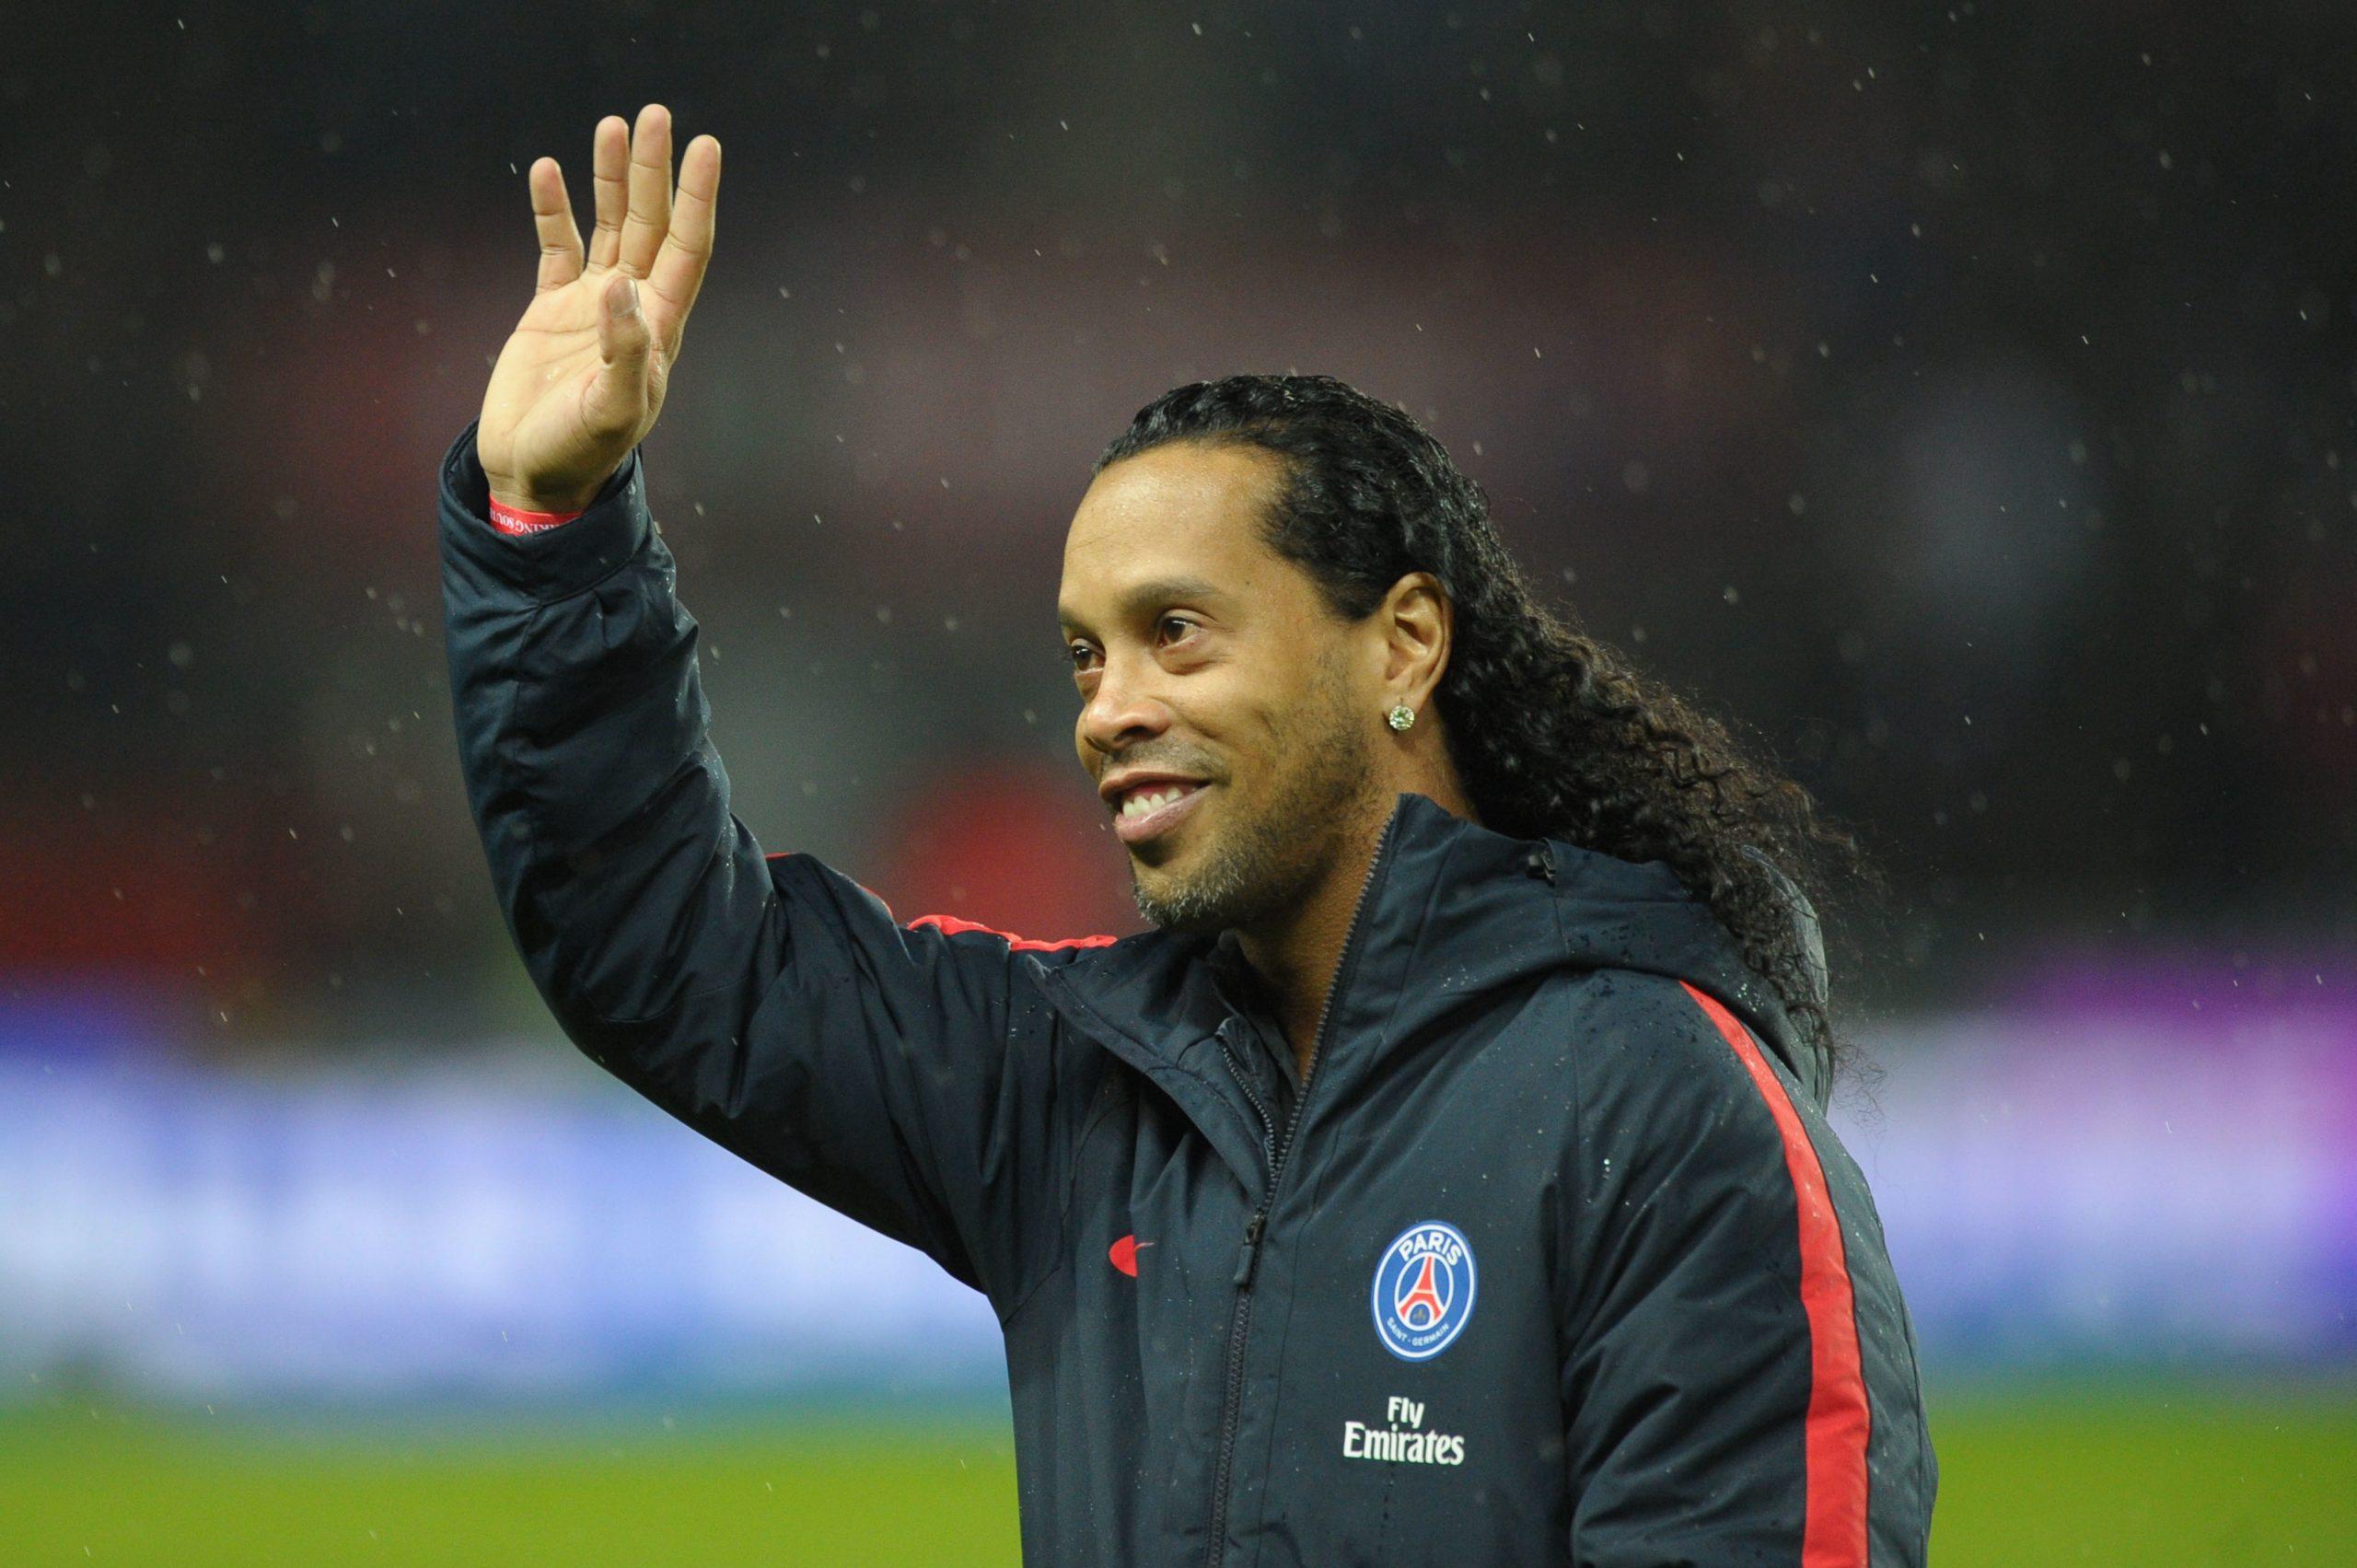 Luccin marqué par Ronaldinho au PSG «Sa créativité avec le ballon était incroyable»